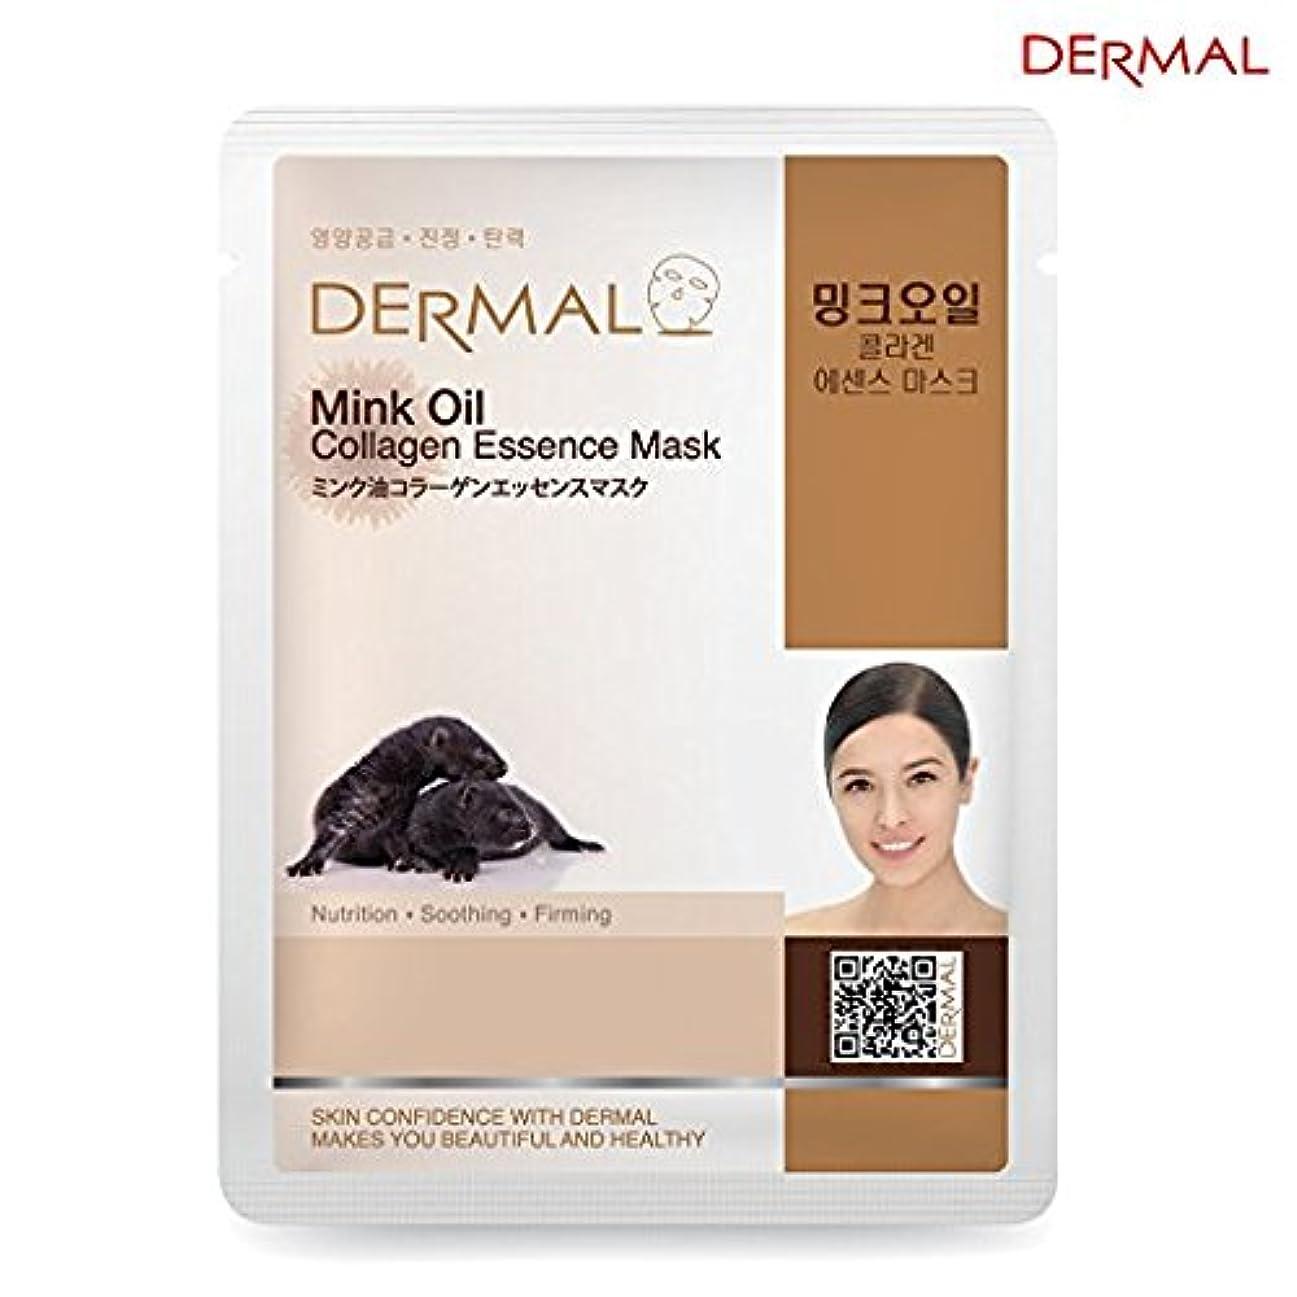 残基葉を拾う破壊的なシート マスク ミンク油エキス ダーマル Dermal 23g (100枚セット) 韓国コスメ コラーゲンエッセンスマスク フェイス パック